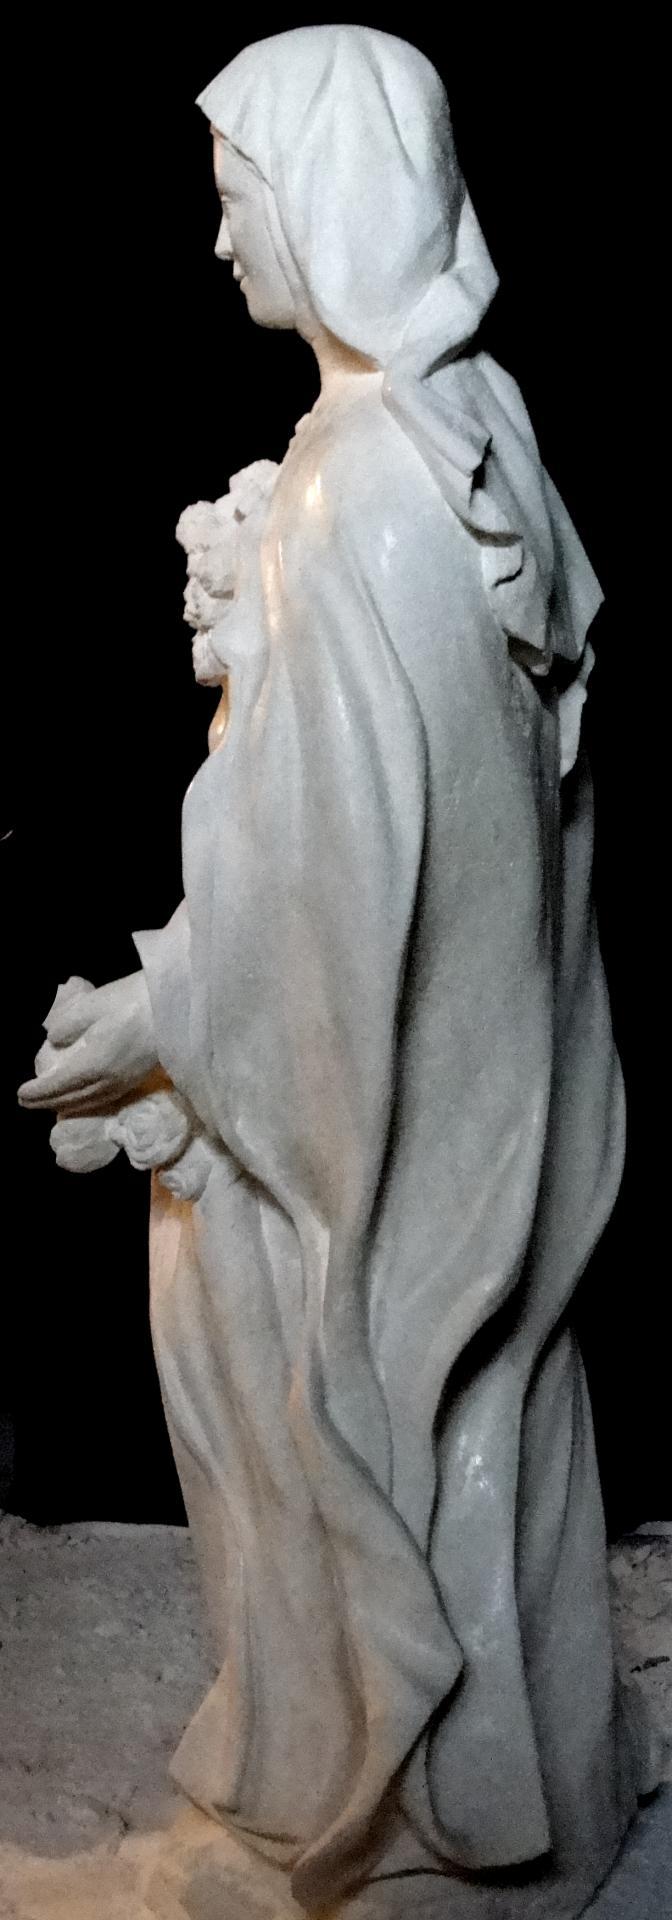 Sculpture sur pierre, statue de Ste Thérèse en ronde bosse, 3